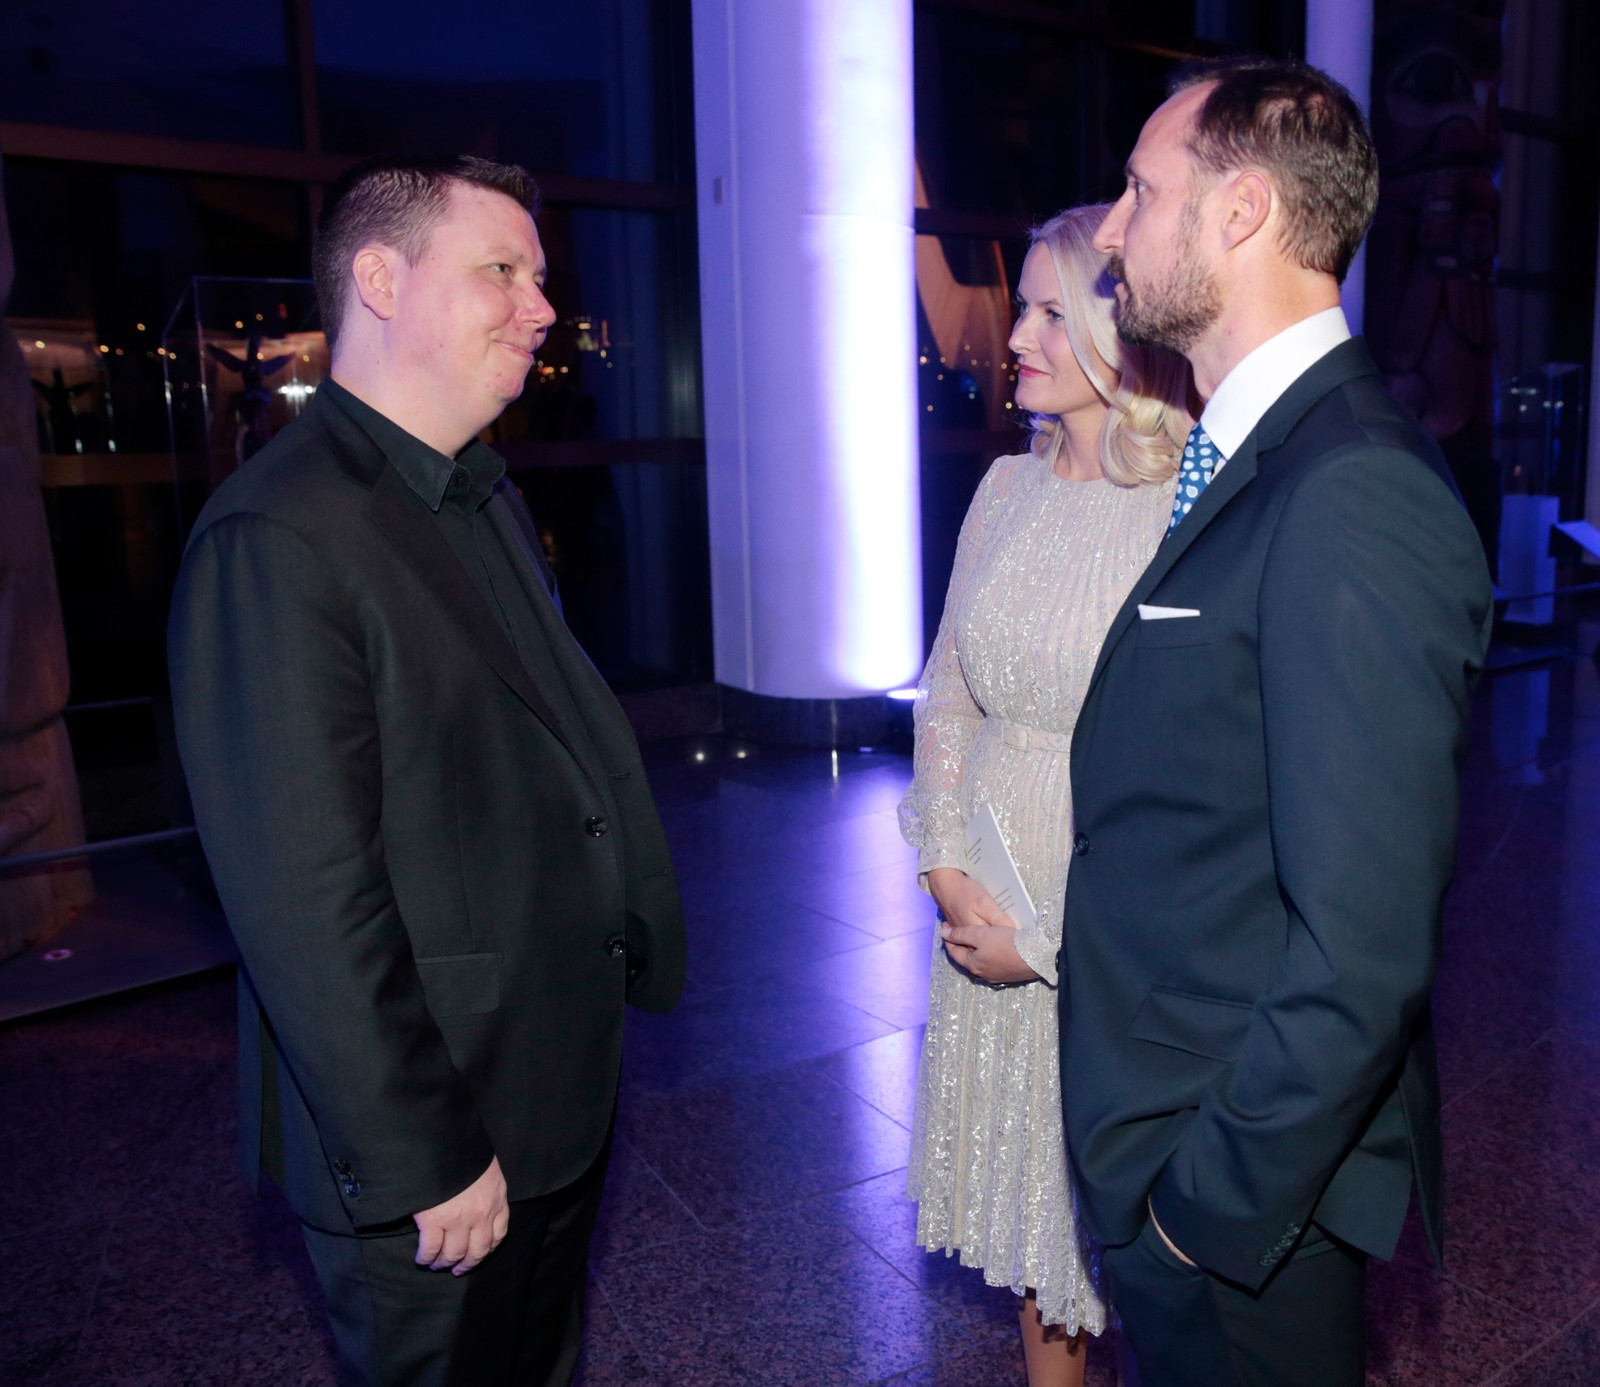 Den norske pianisten Ola Gjeilo spelte under tilstelninga det norske miljøet i Ottawa hadde invitert til måndag kveld. Etter konserten slo han av ein prat med kronprinsparet.